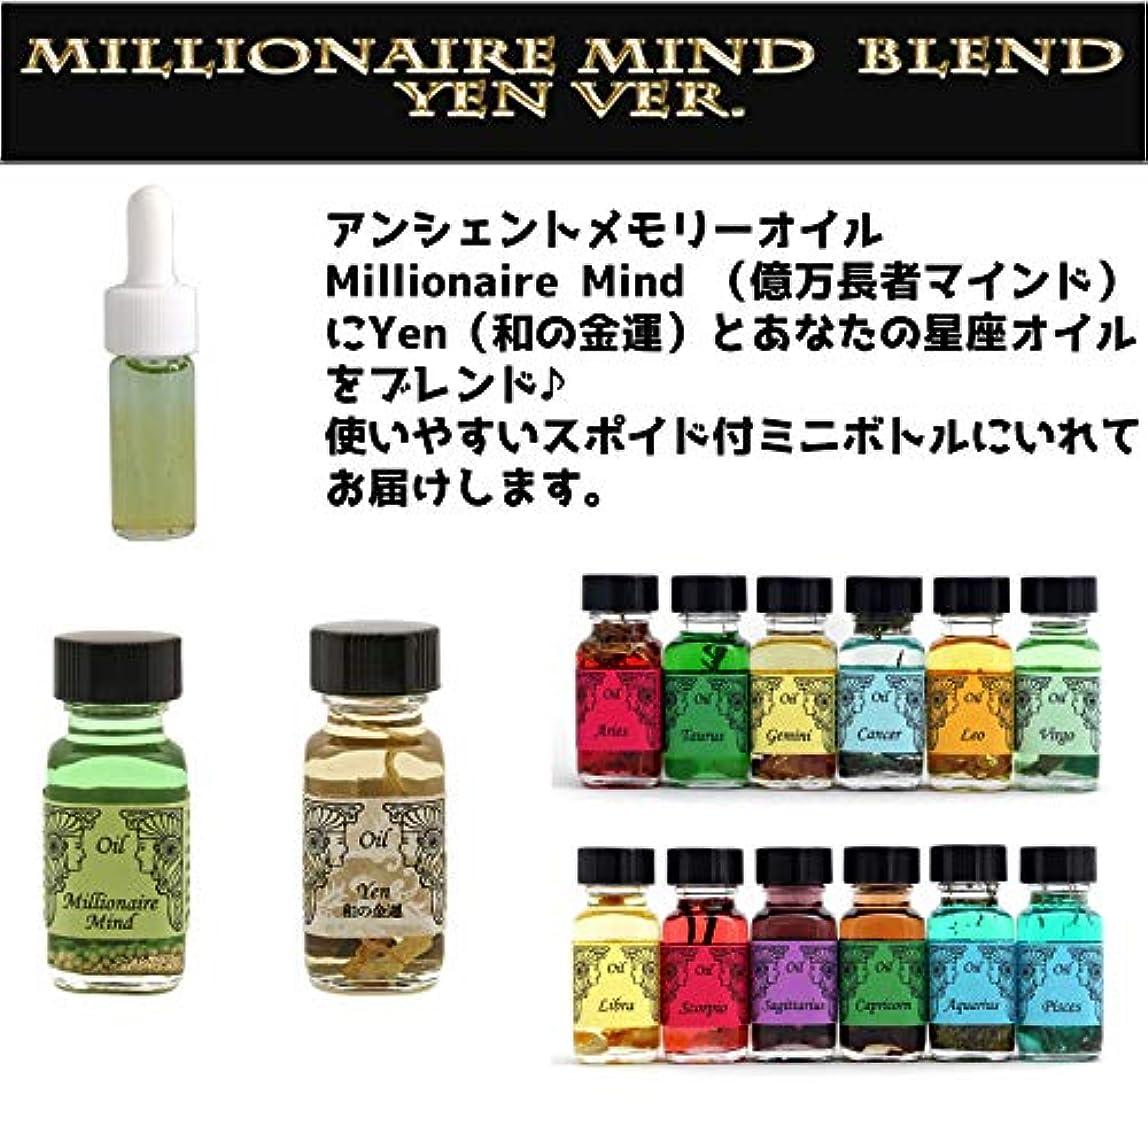 系統的まぶしささせるアンシェントメモリーオイル Millionaire Mind 億万長者マインド ブレンド【Yen 和の金運&ふたご座】